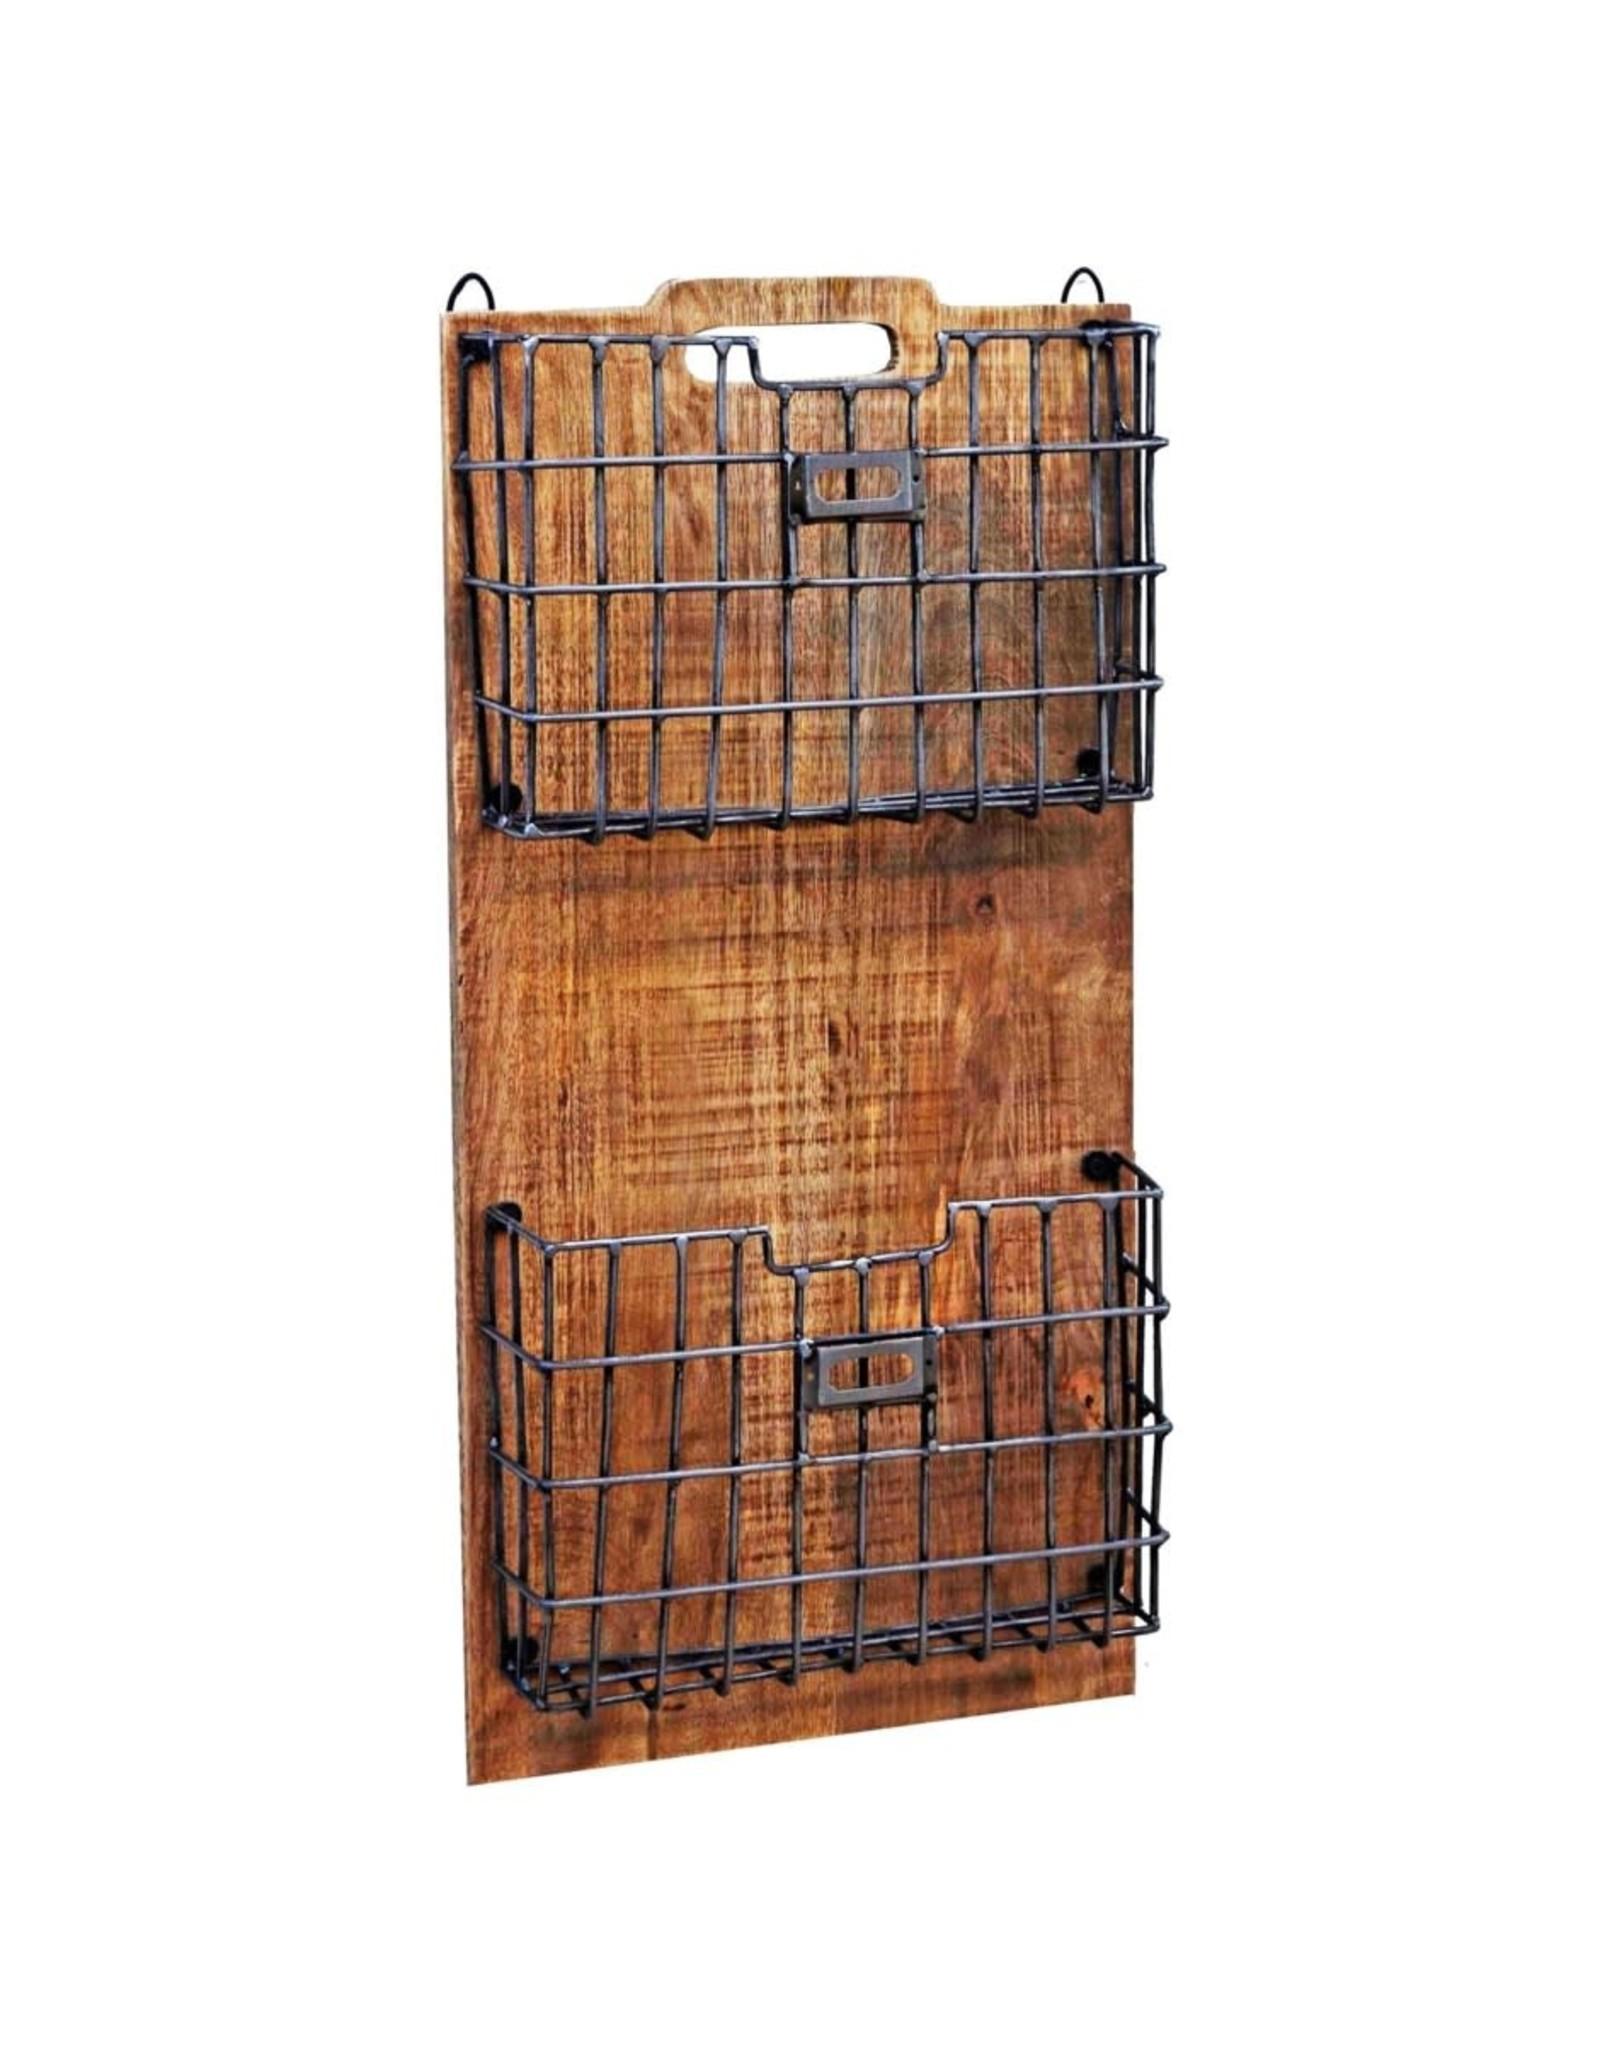 Support en bois avec paniers en métal